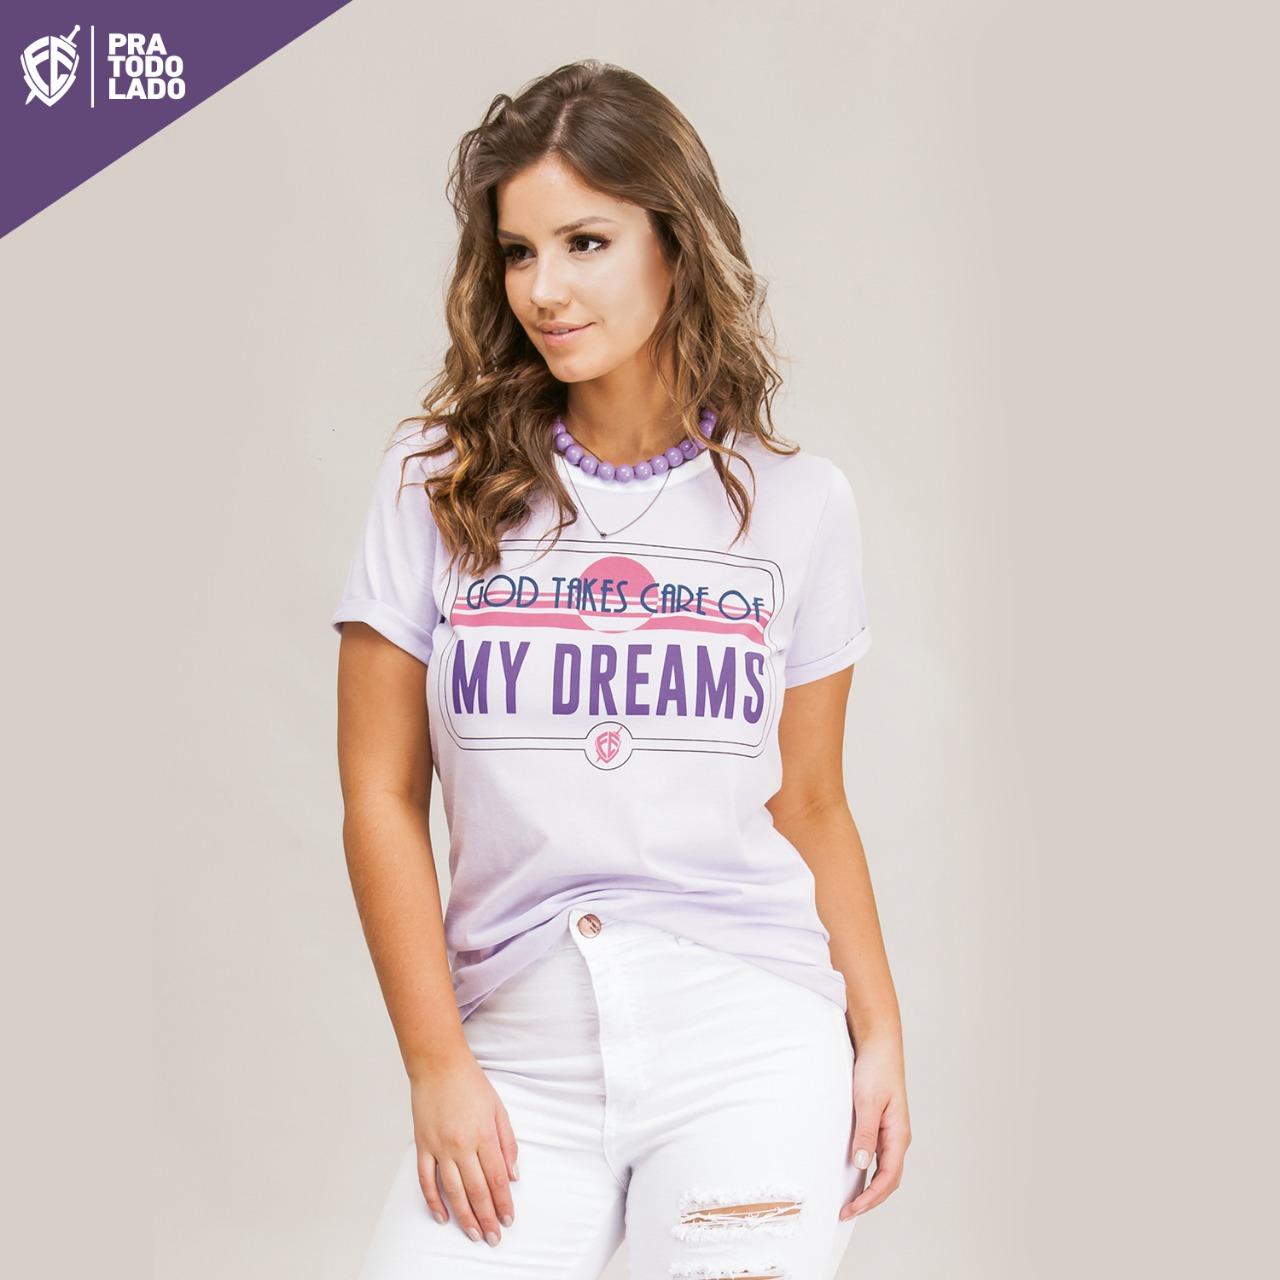 T-SHIRT FÉ - DREAMS - LILÁS